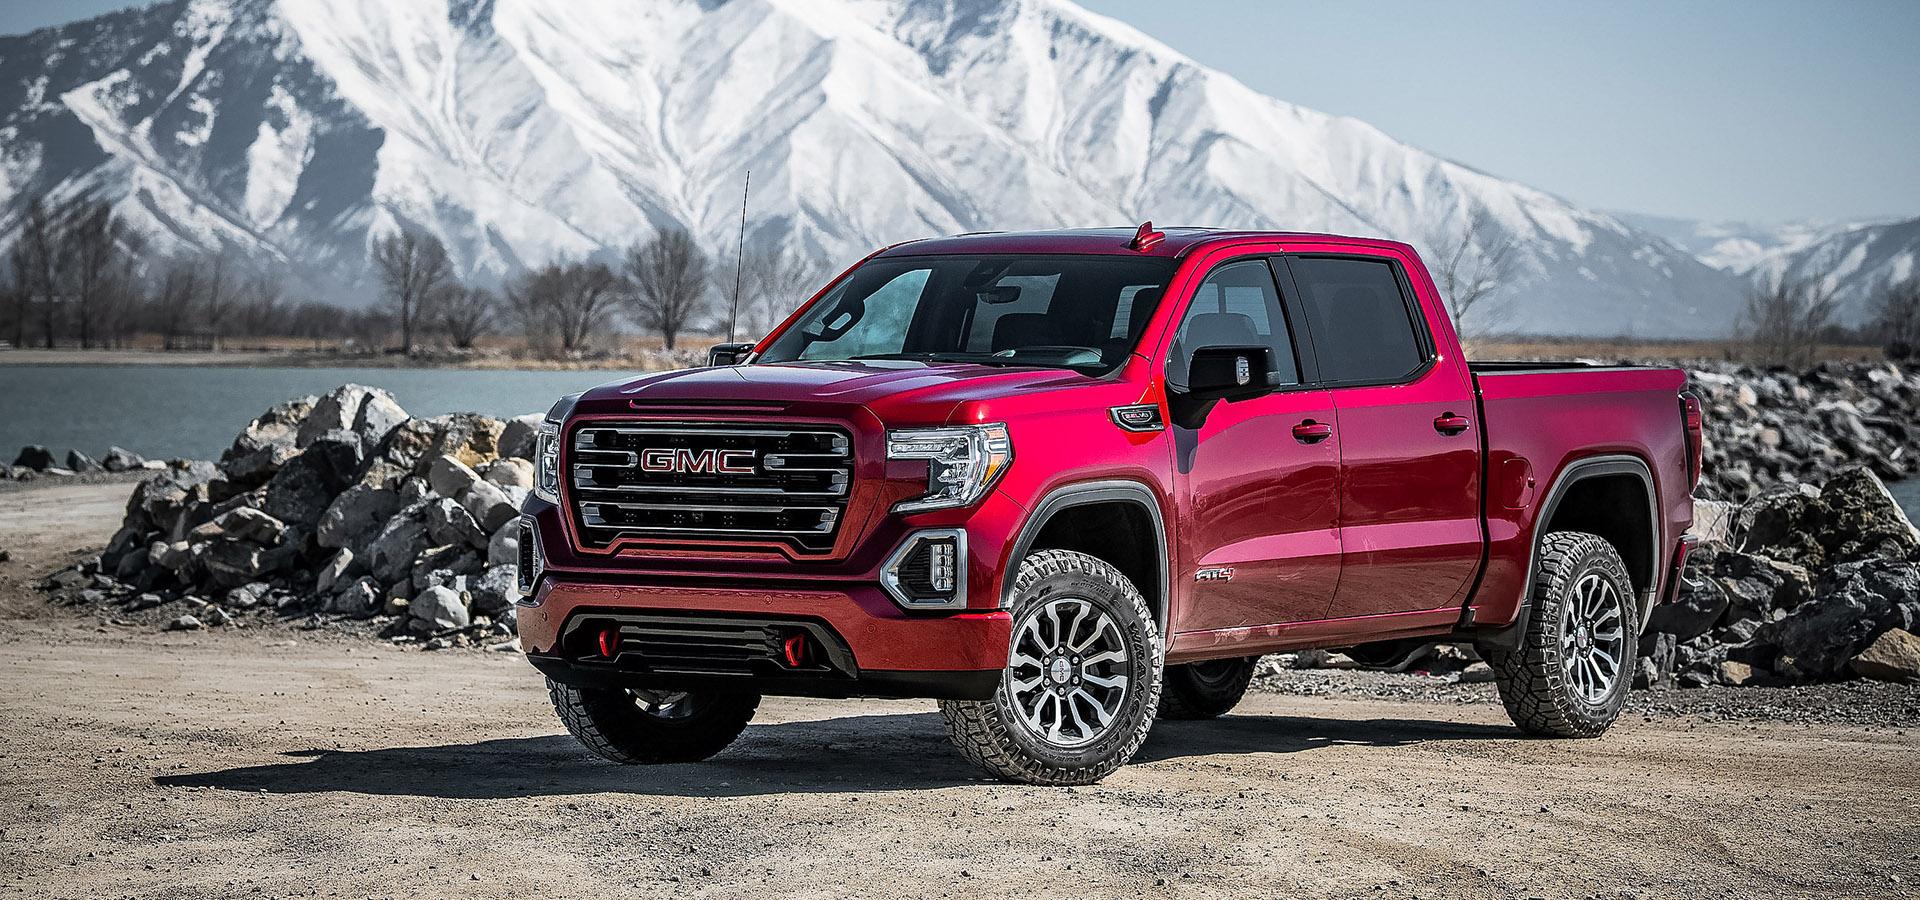 2020 gmc sierra diesel and tech updates